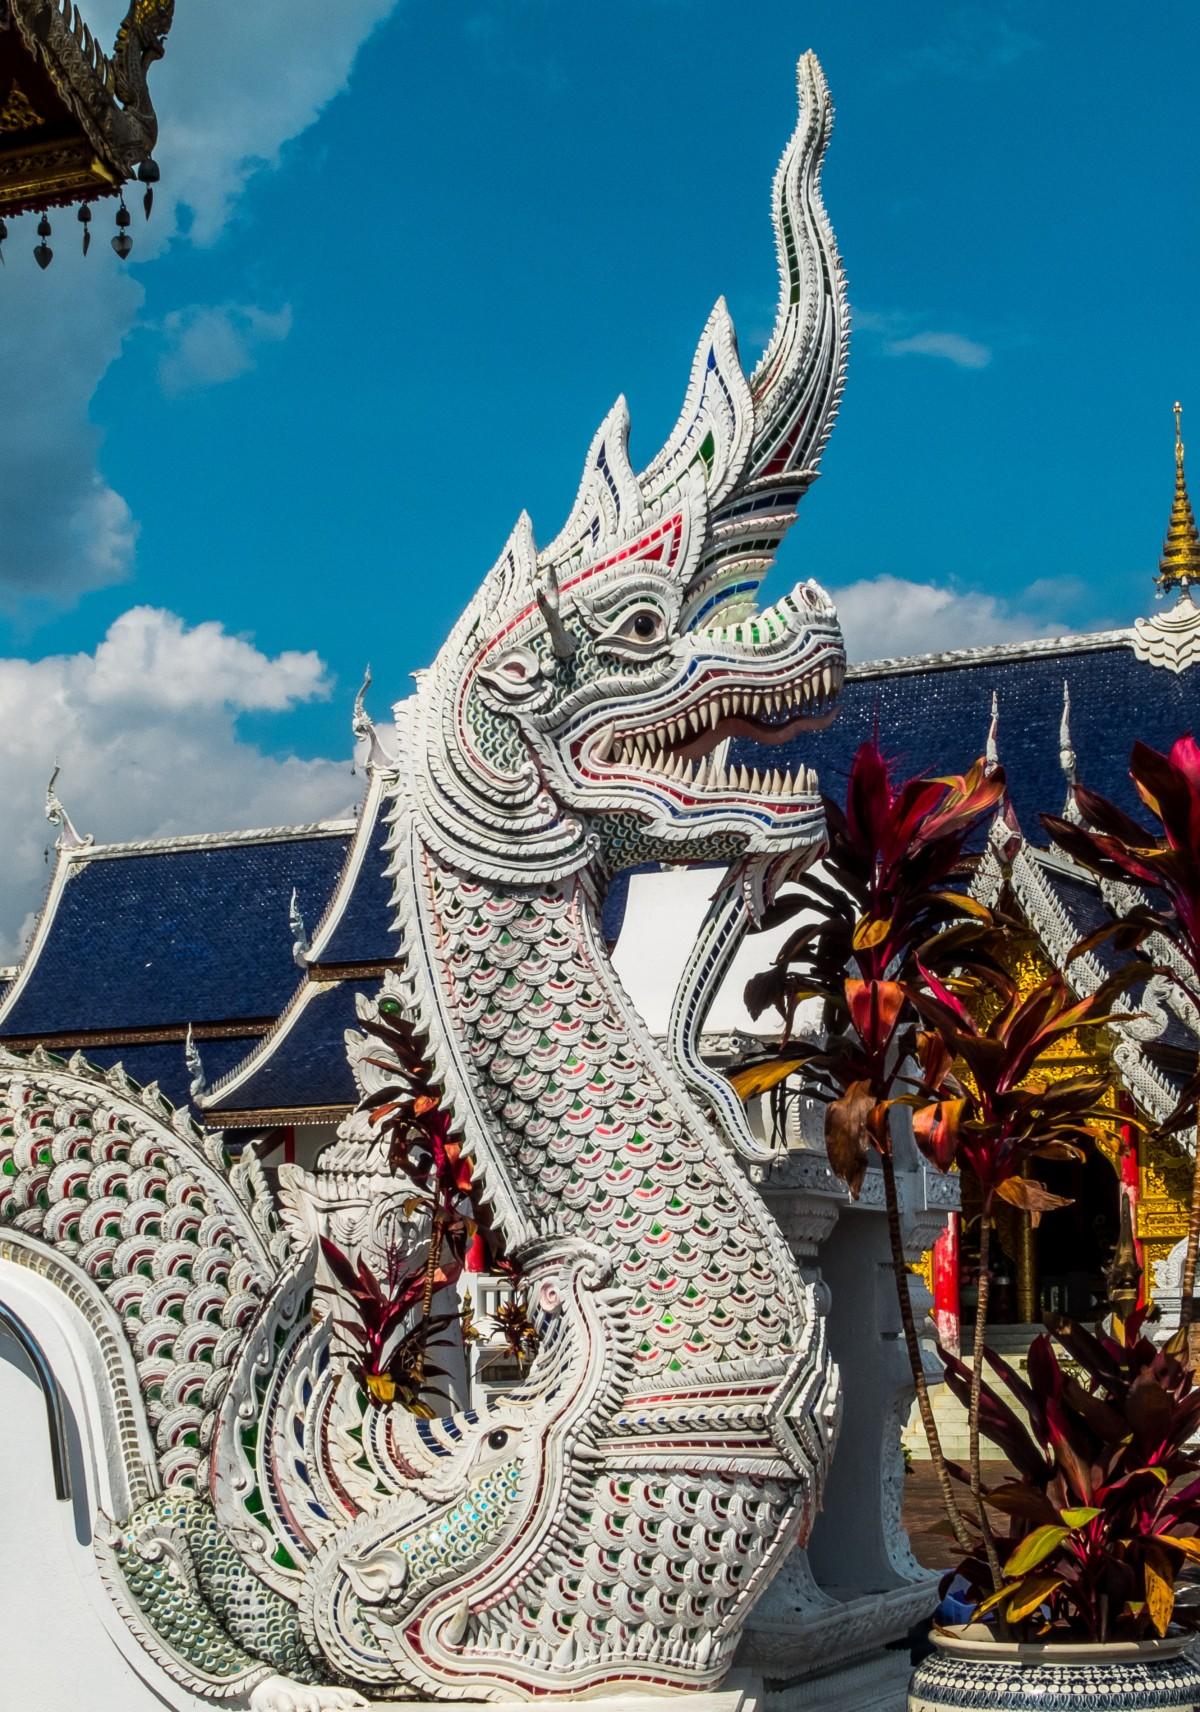 статуя Скульптура Изобразительное искусство Иллюстрация храм Дракон Мифология Драконы Храмовый комплекс Индуистский храм вымышленный персонаж Север Таиланда